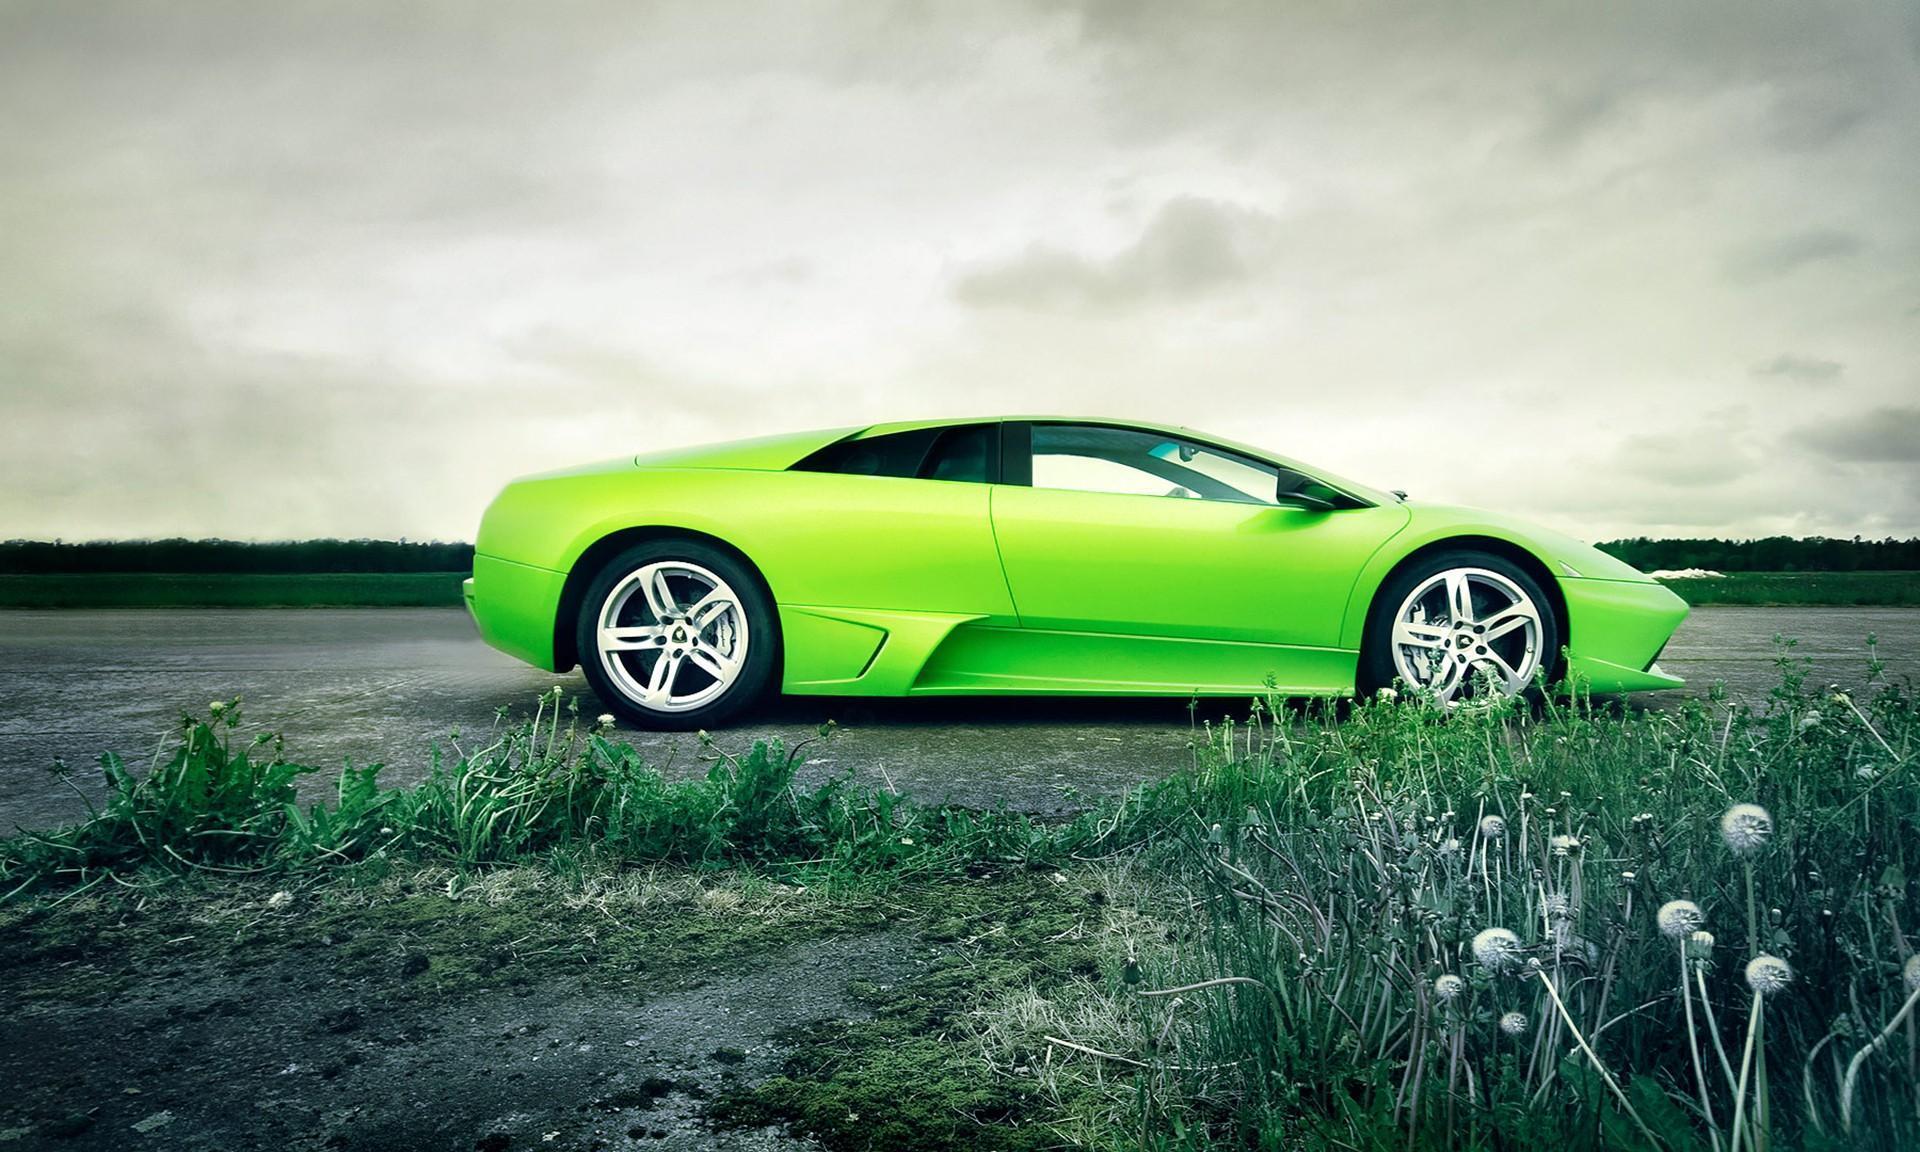 Cool Green Car Hd Desktop Wallpaper Widescreen High Definition Fullscreen